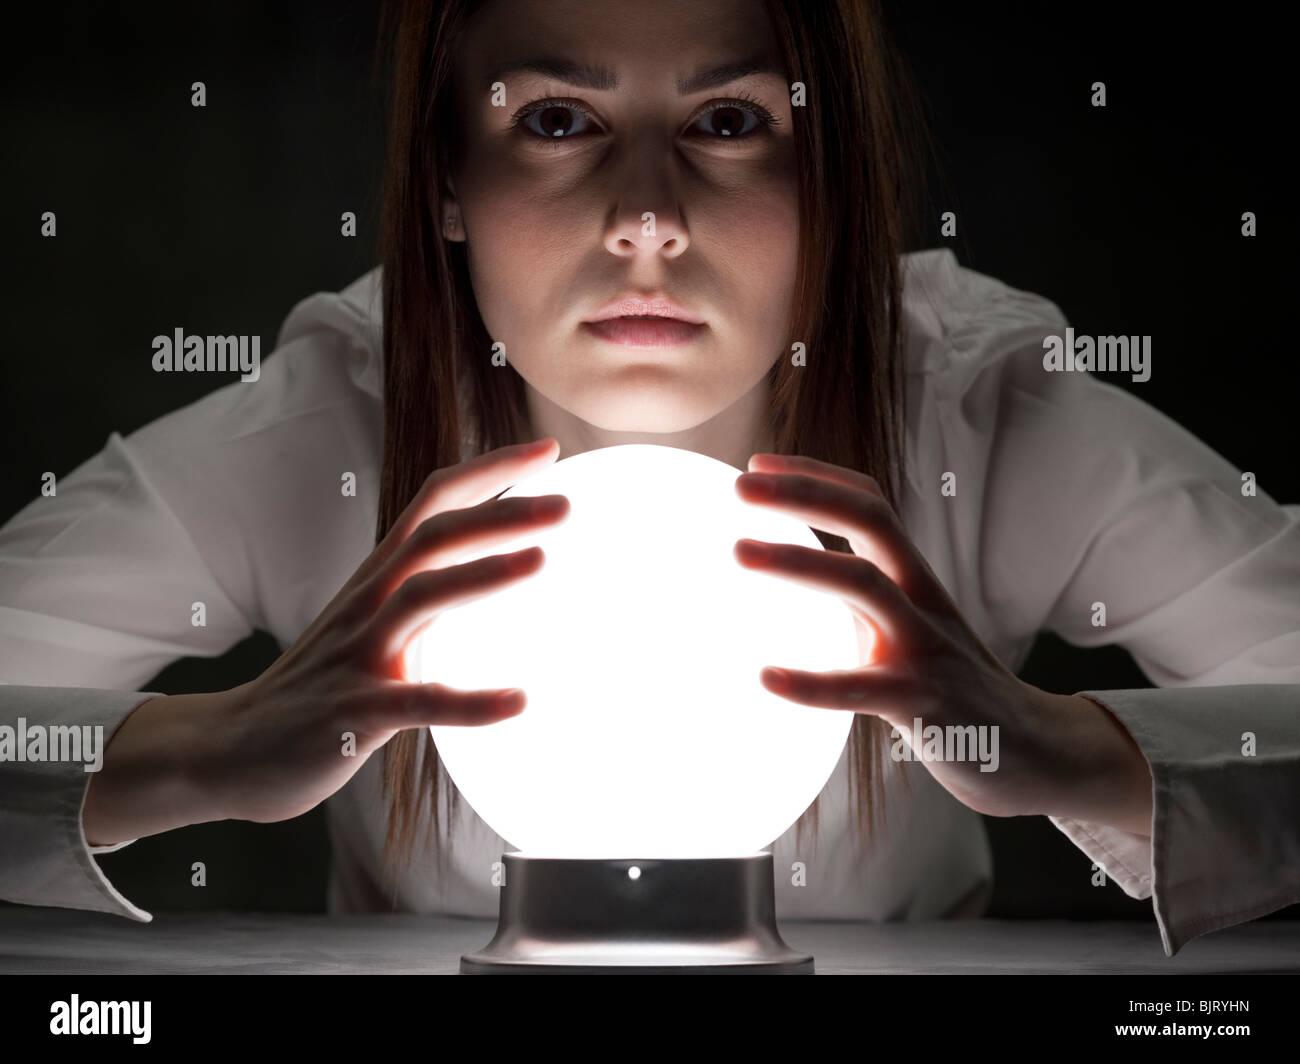 Fortune teller holding crystal ball, portrait - Stock Image